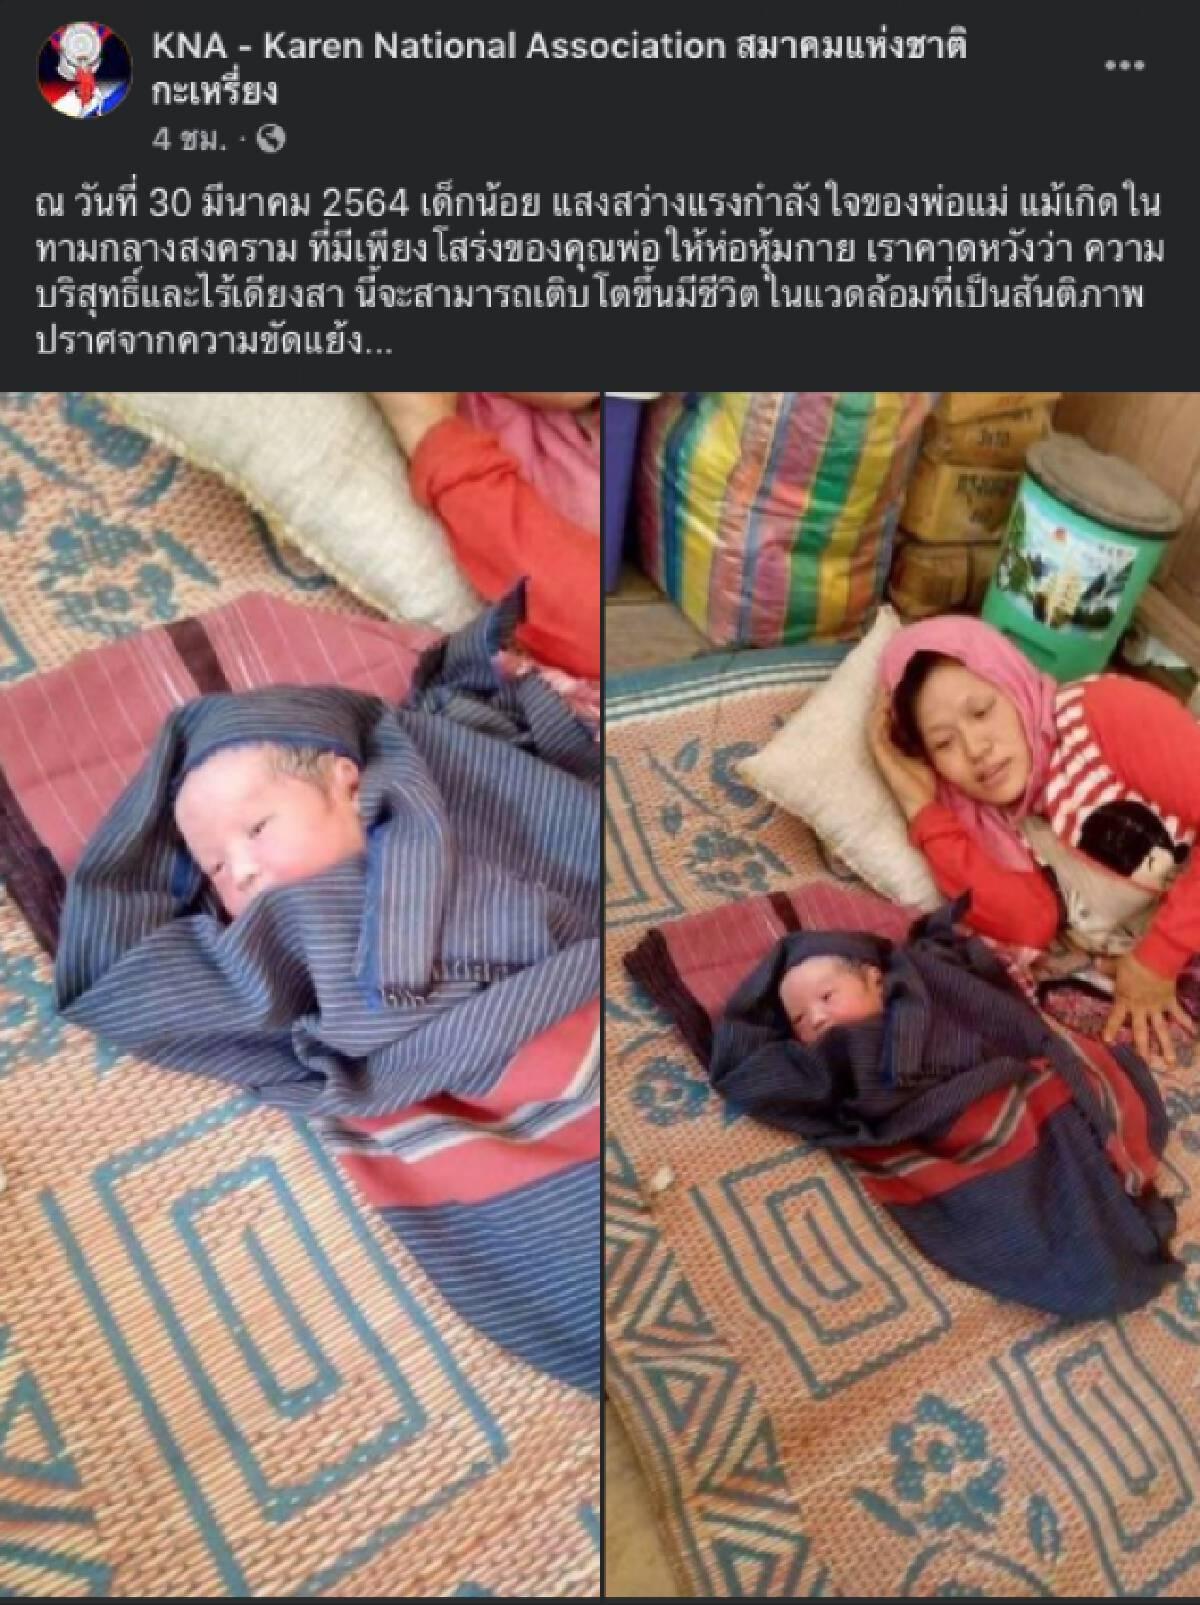 เปิดภาพสุดเศร้า ! ทารกชาวกะเหรี่ยงเกิดใหม่ช่วงภัยสงคราม มีเพียงโสร่งพ่อเท่านั้นที่ใช้ห่อหุ้มร่างกาย